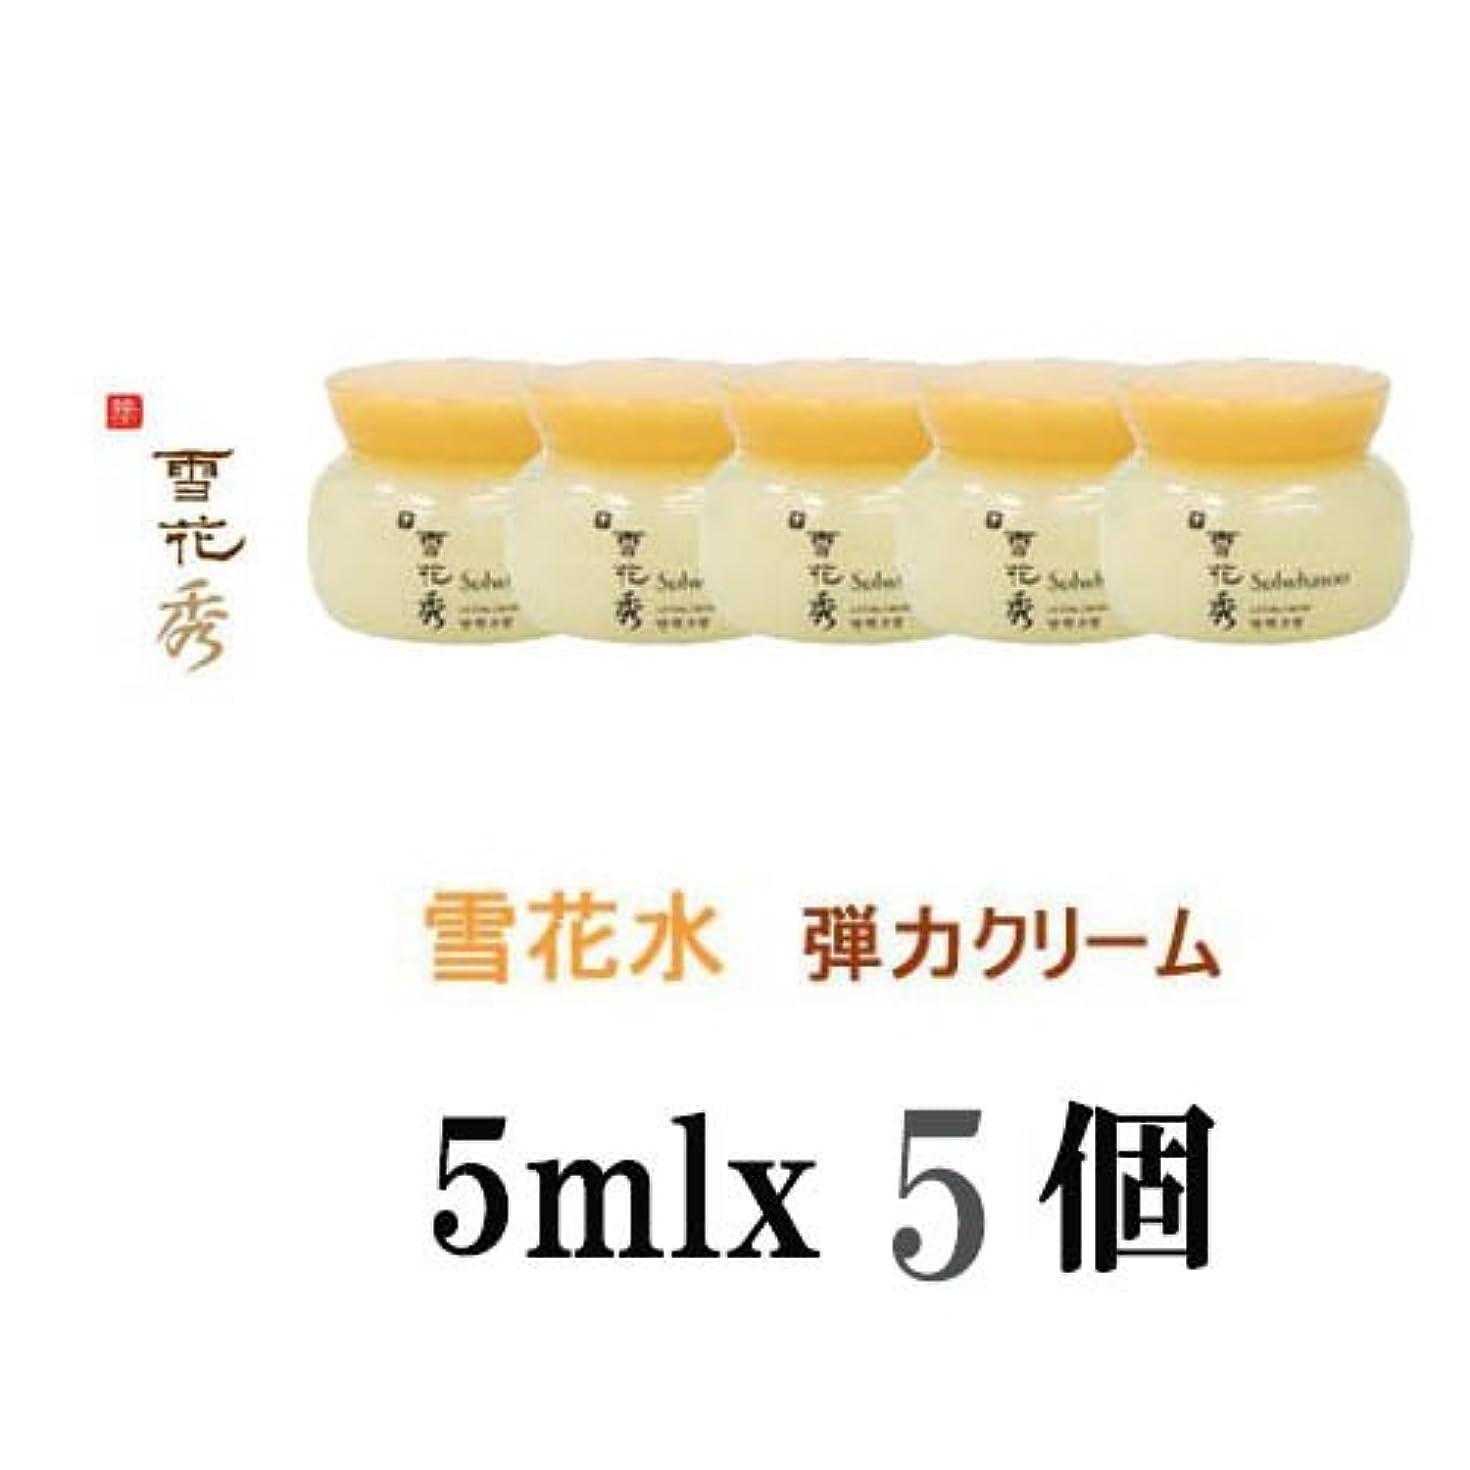 釈義コントラスト早く雪花秀/ソルファス 弾力クリーム潤い/乾燥肌/漢方コスメ//5mlx5個